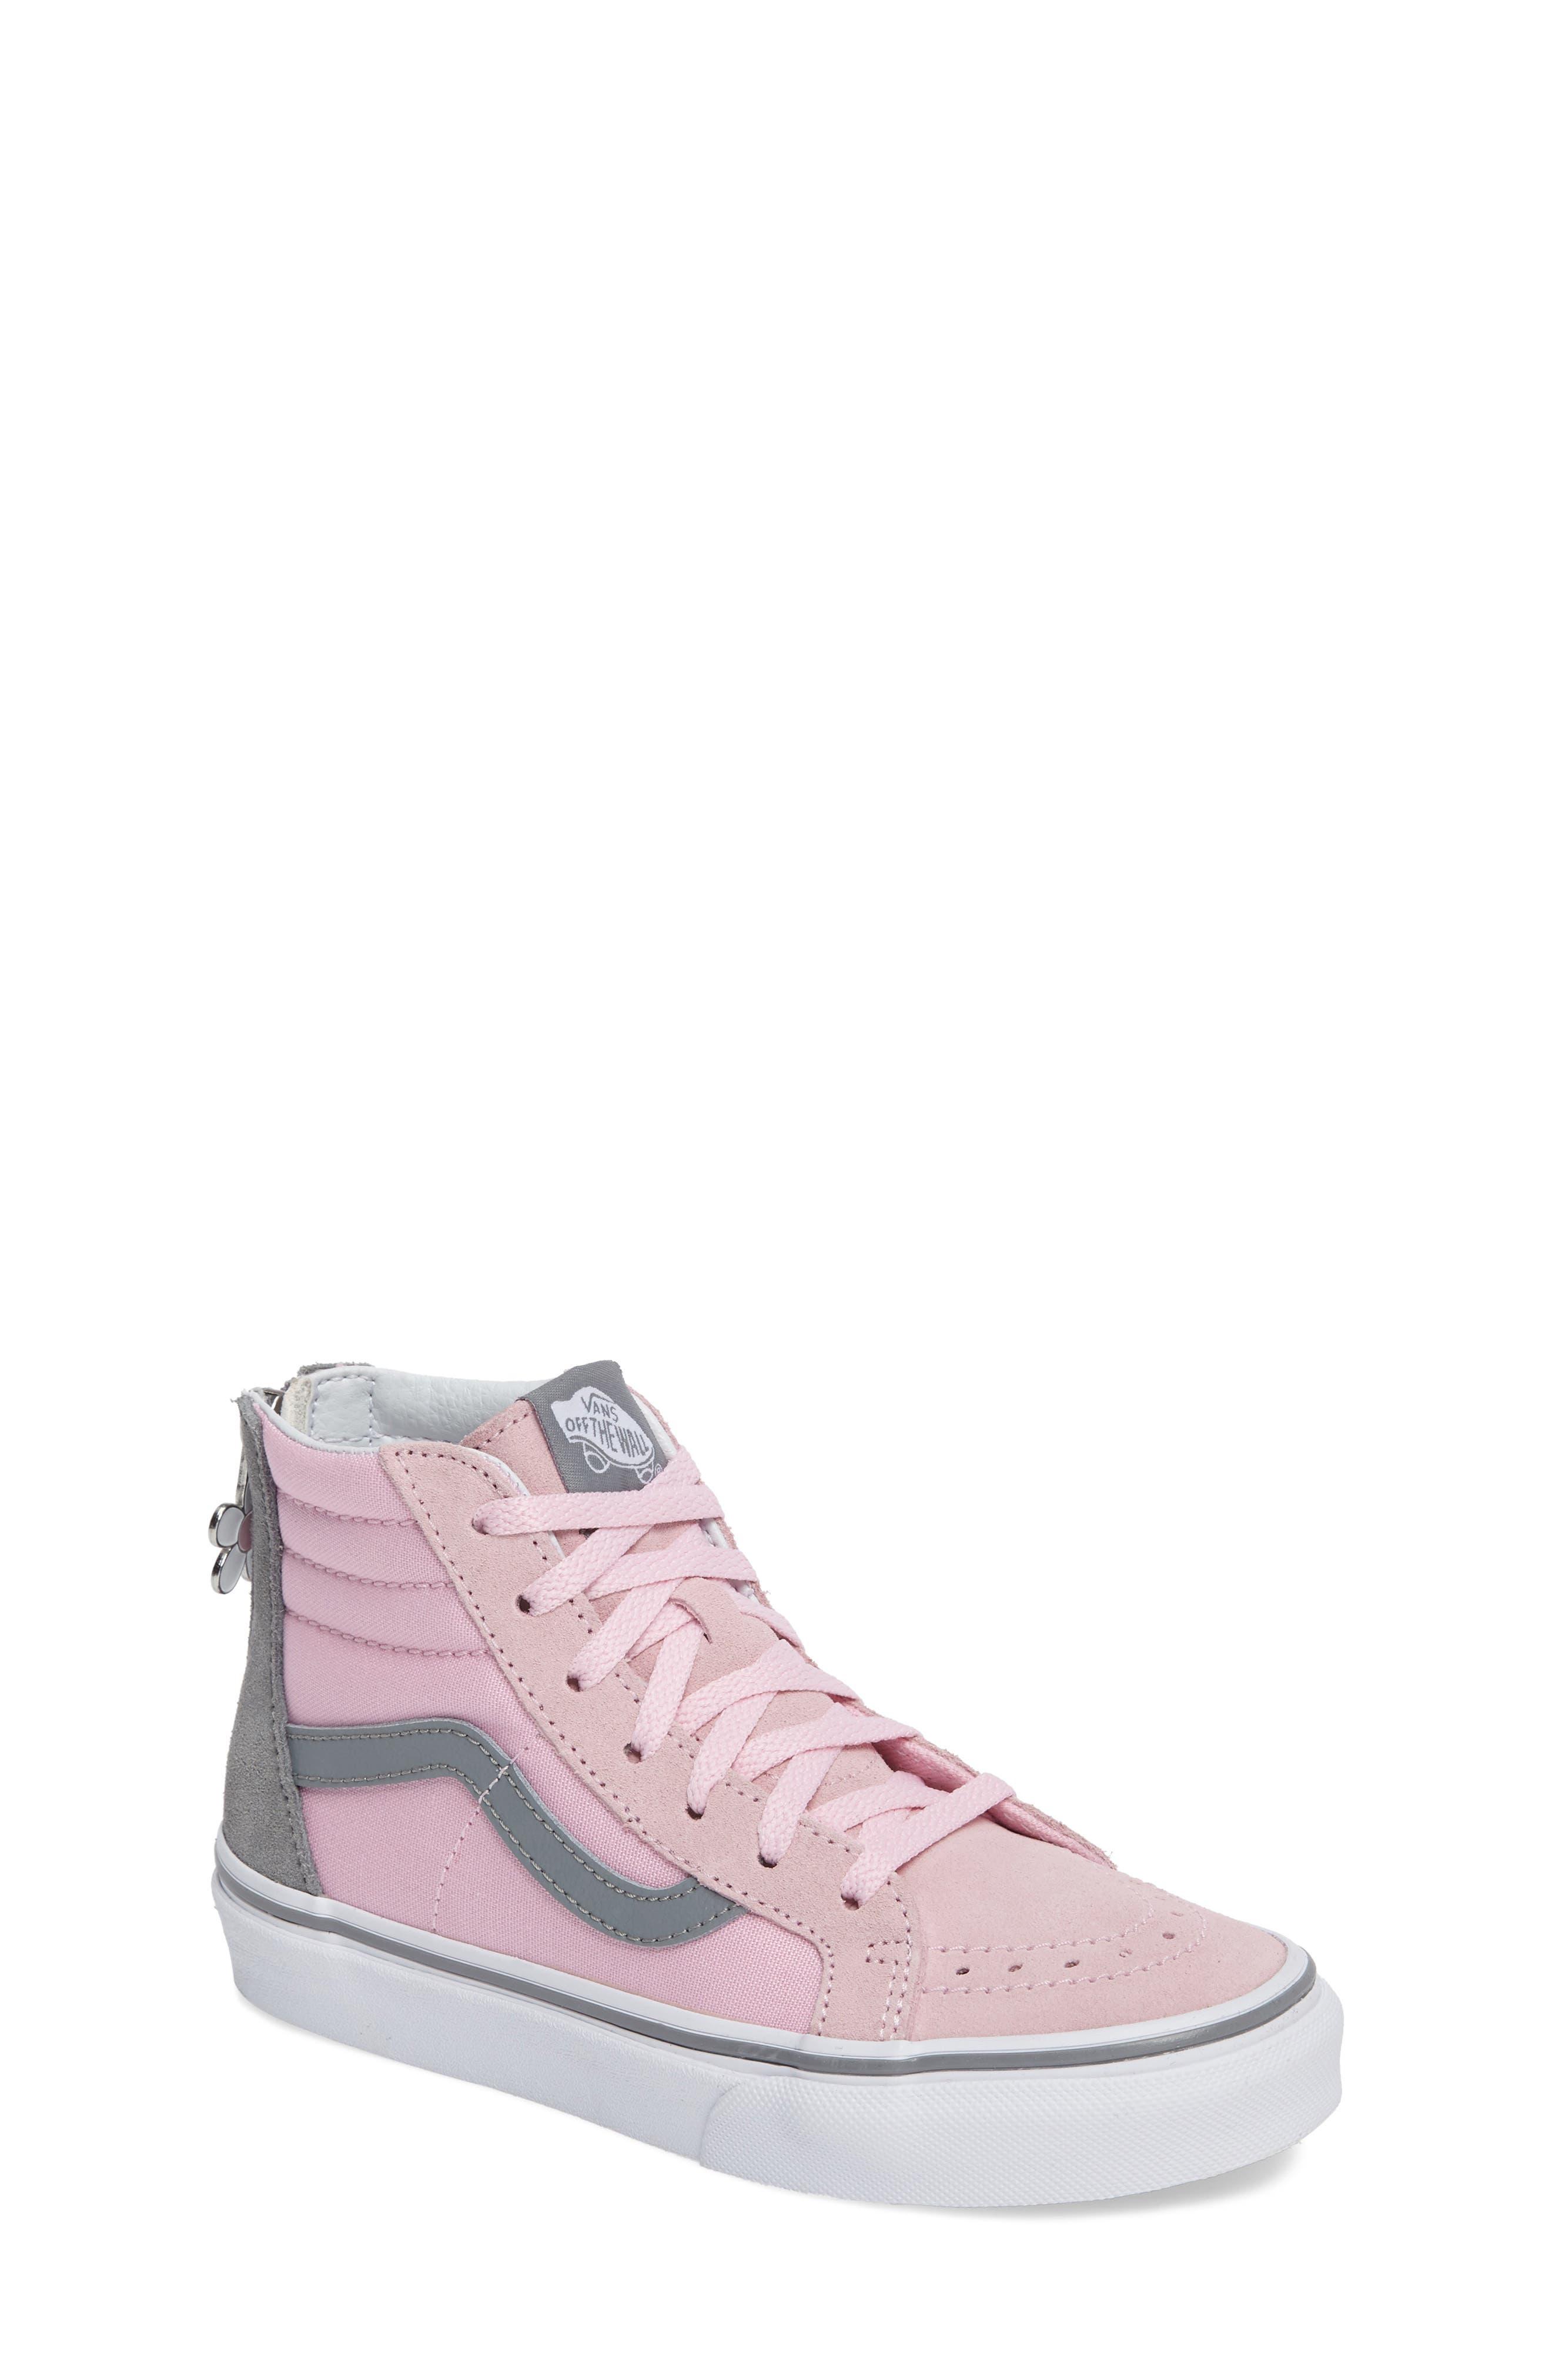 VANS SK8-Hi Zip-Up Sneaker